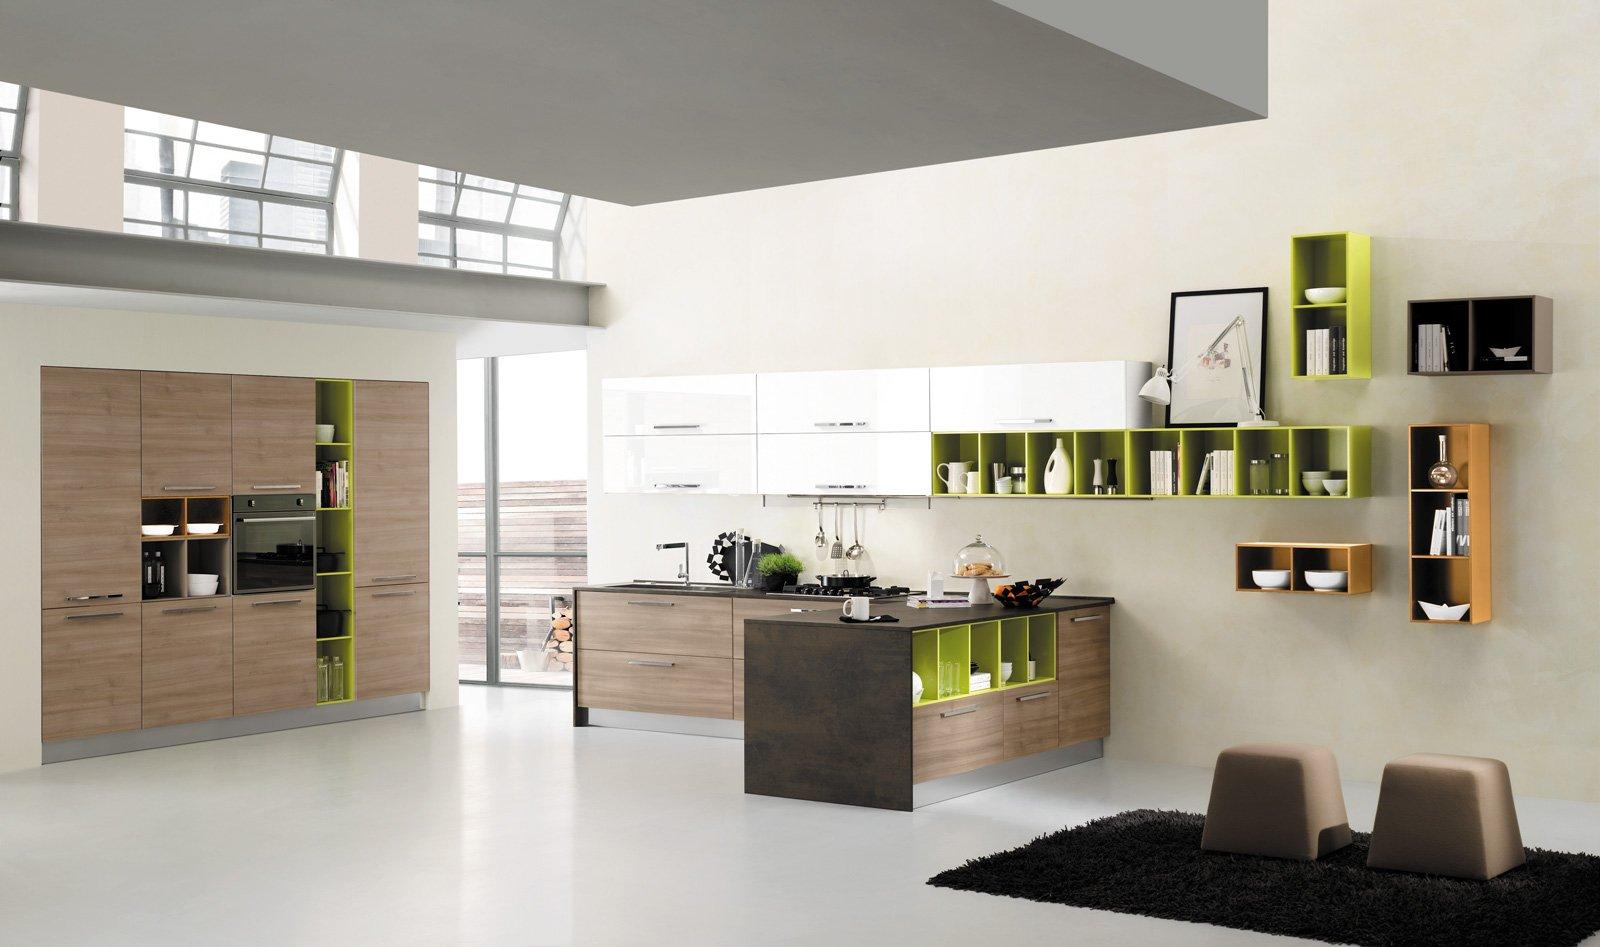 Cucine con elementi colorati mensole vani a giorno profili cose di casa - Cucine mobilturi ...